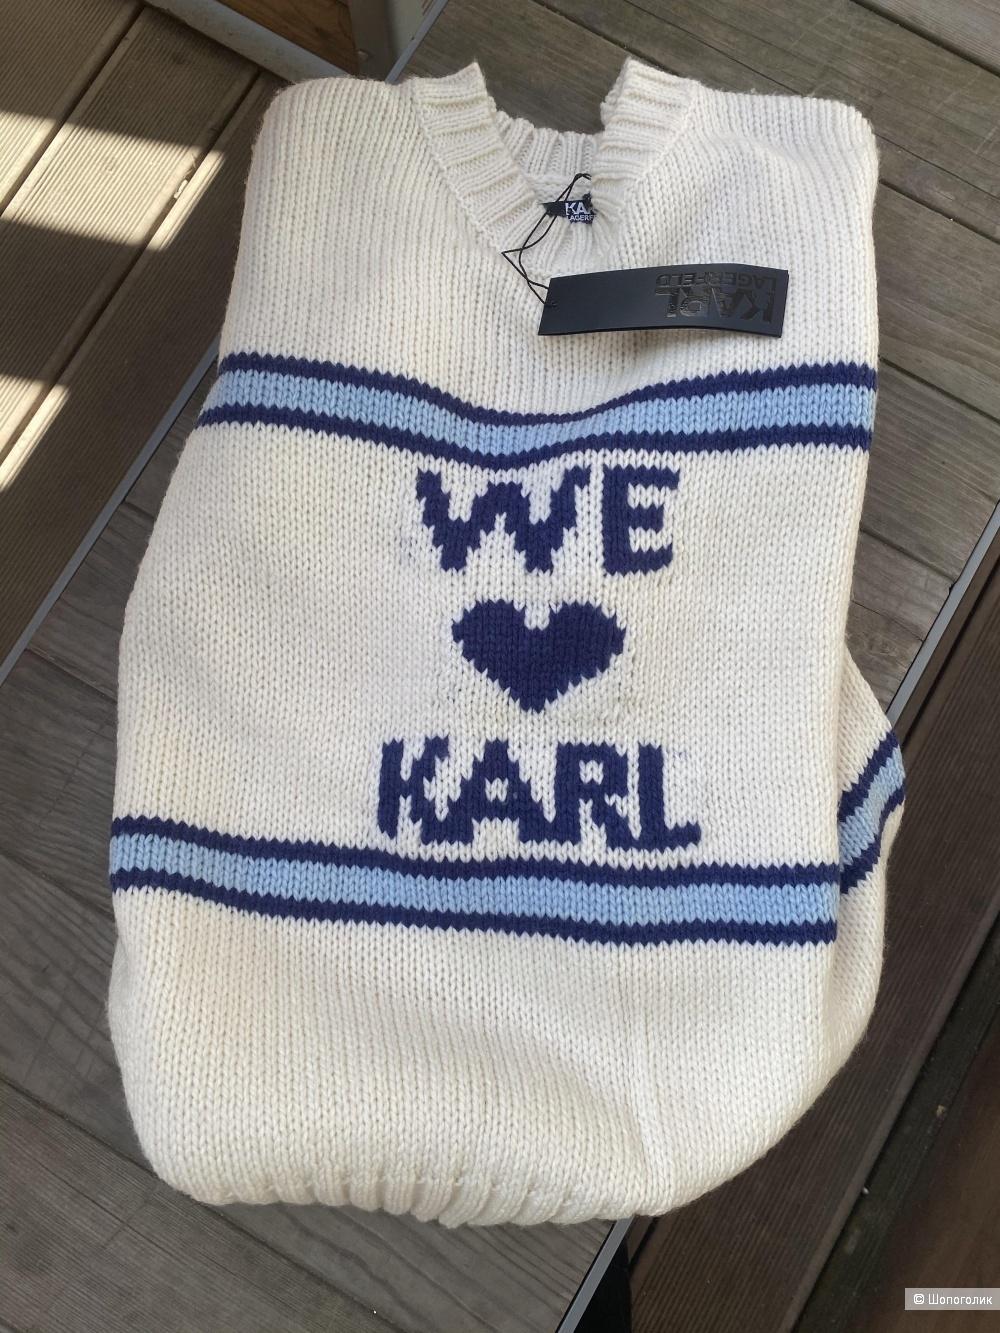 Свитер Karl Lagerfeld, pp L (Оверсайз)